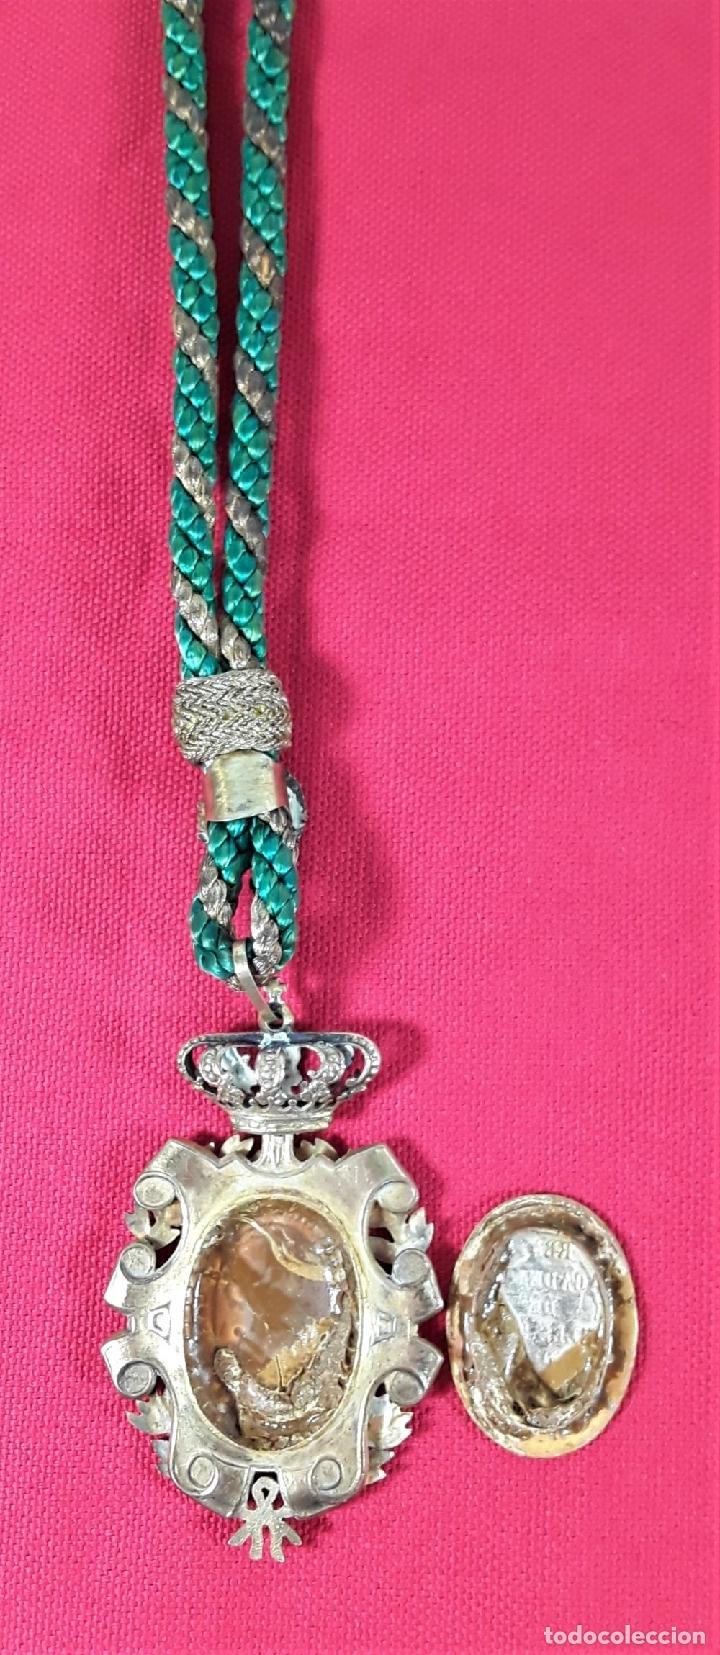 Medallas condecorativas: CONDECORACIÓN EN PLATA. REAL ACADEMIA DE NOBLES ARTES DE SN. FERNANDO. - Foto 4 - 178759653